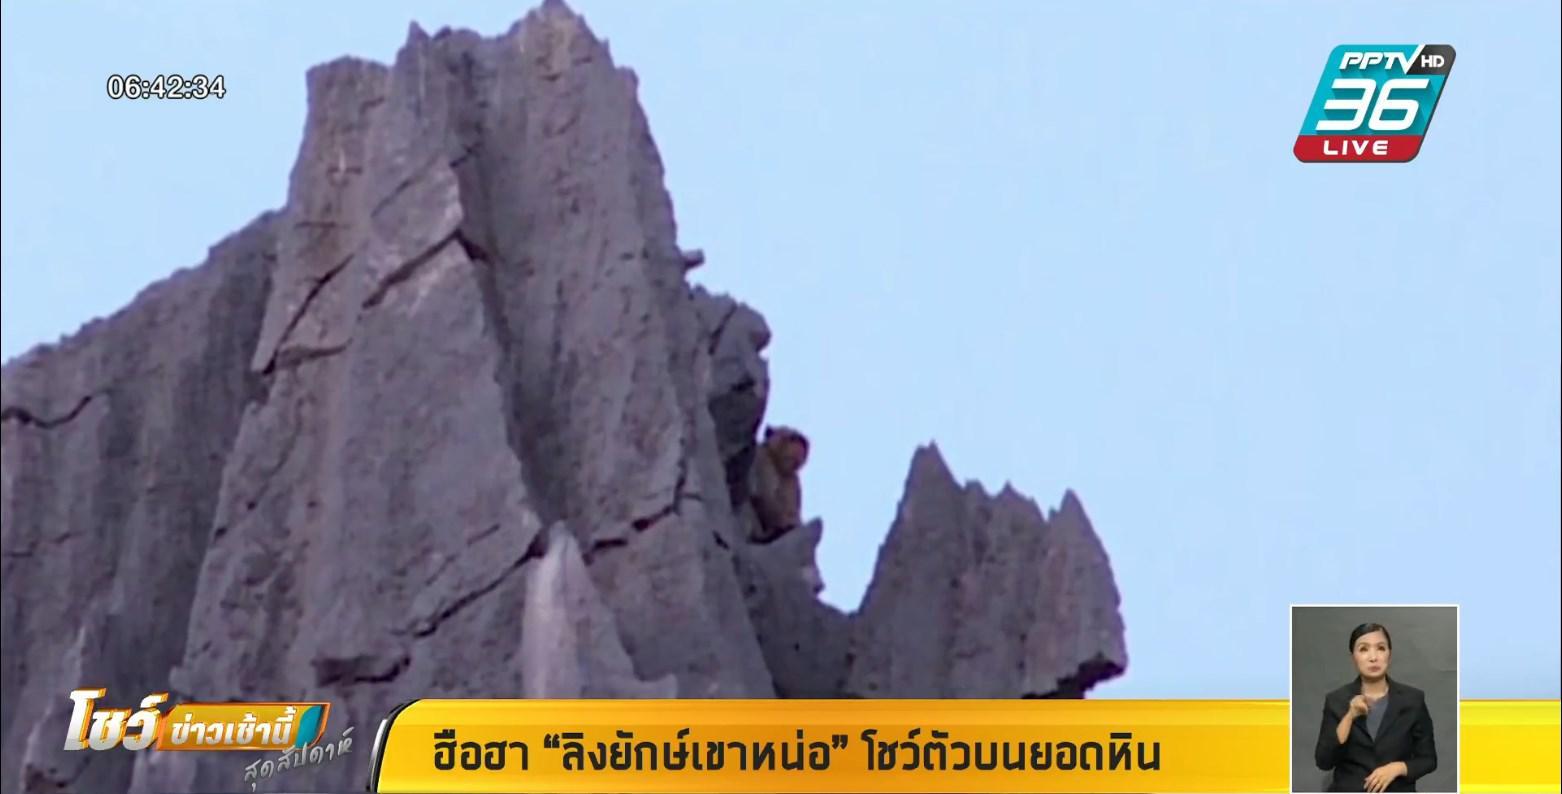 """เจอจริง !! """"พญาลิง เขาหน่อ"""" หลัง นักท่องเที่ยวแห่รอชม"""